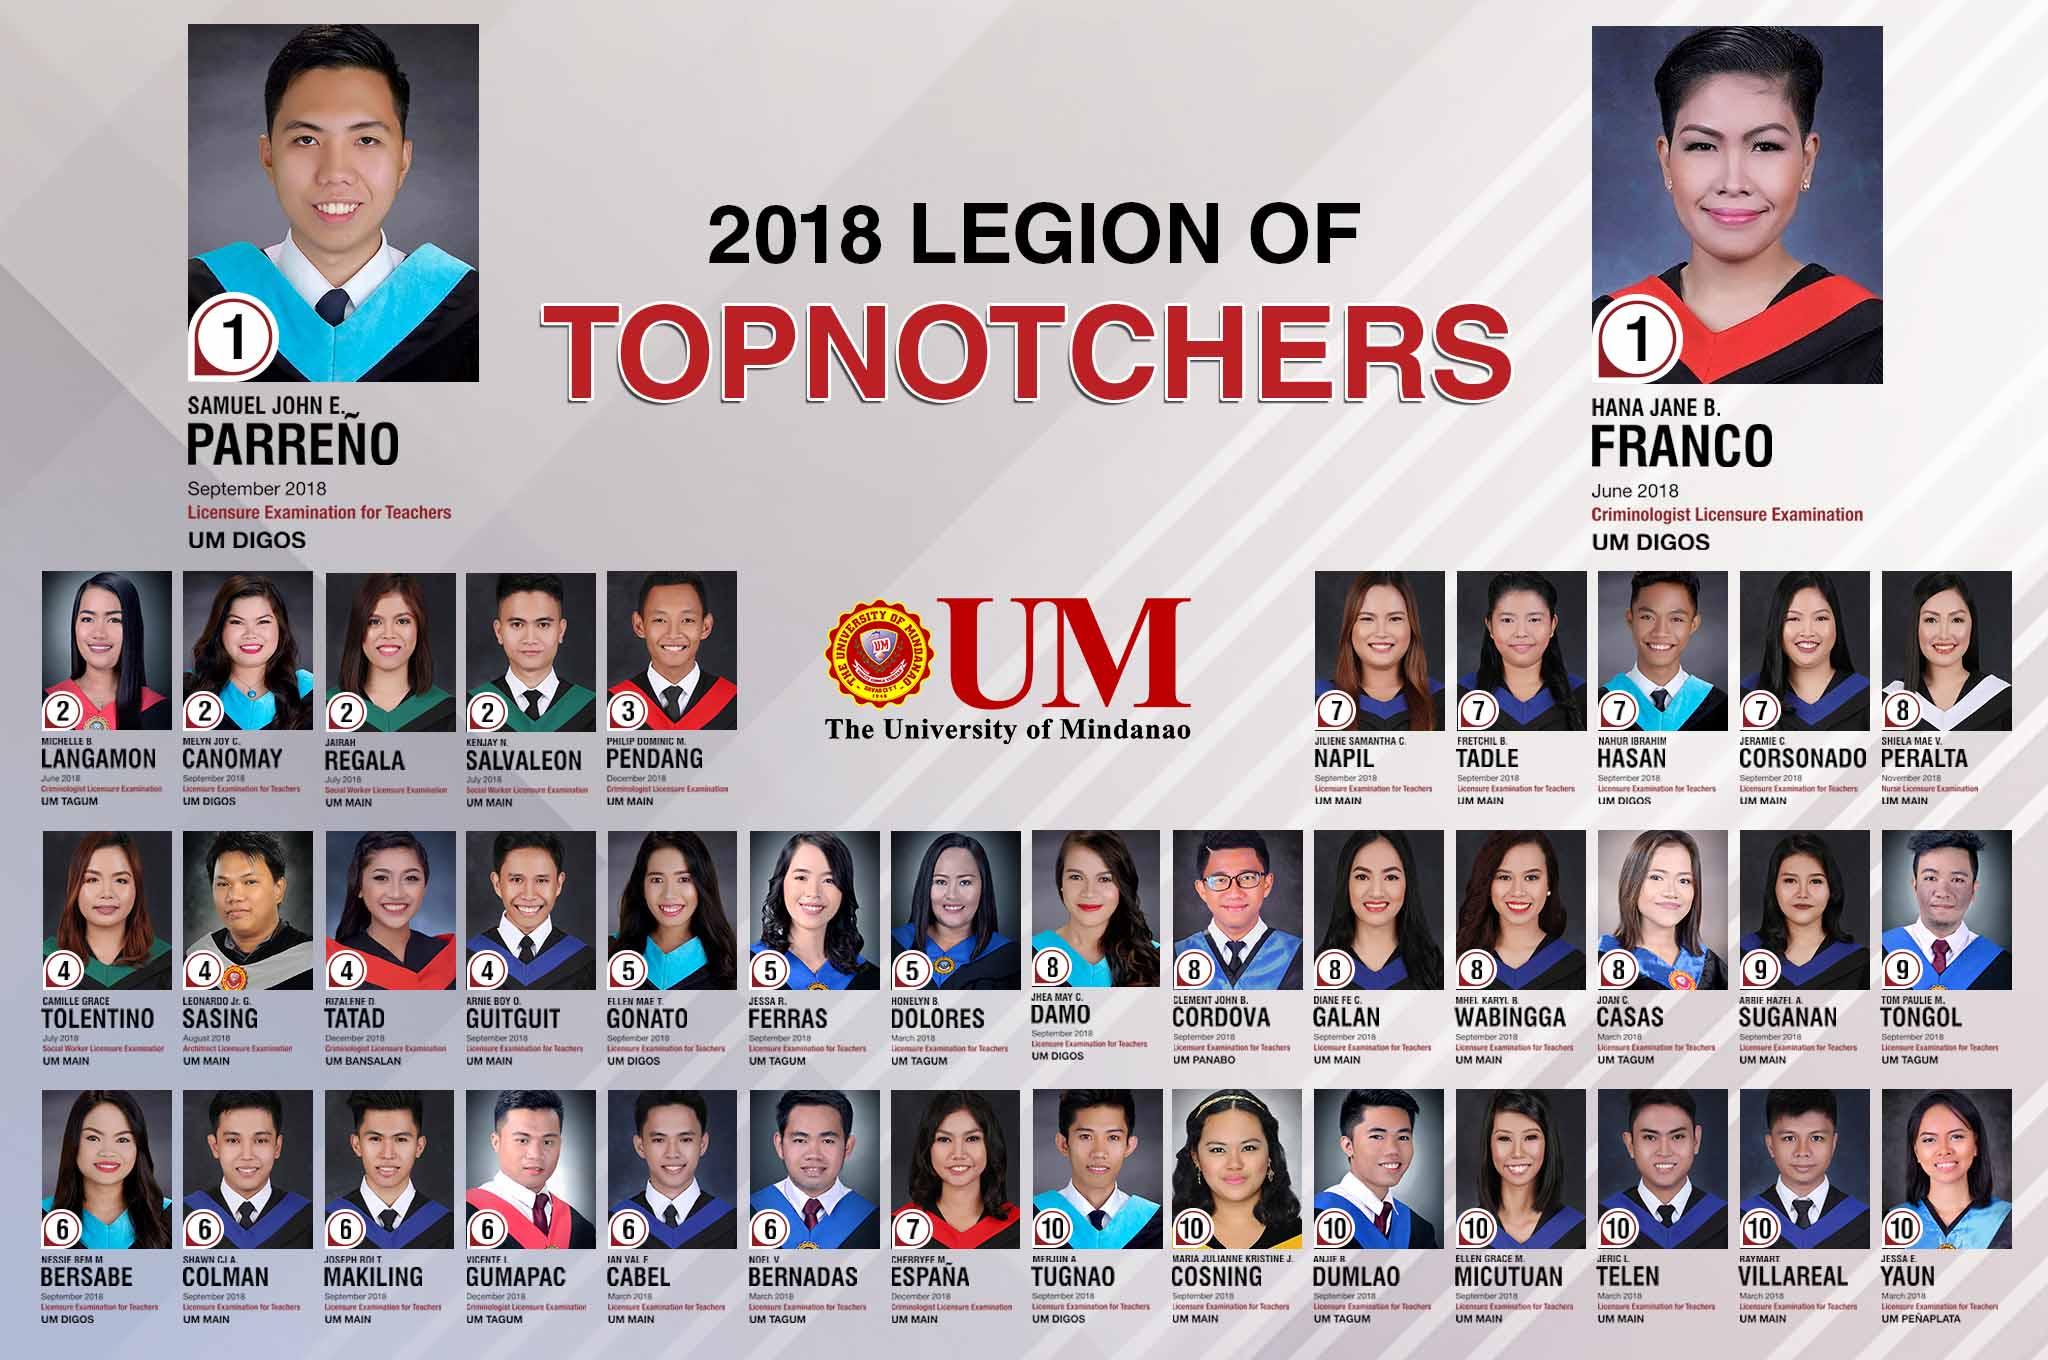 2018 Legion